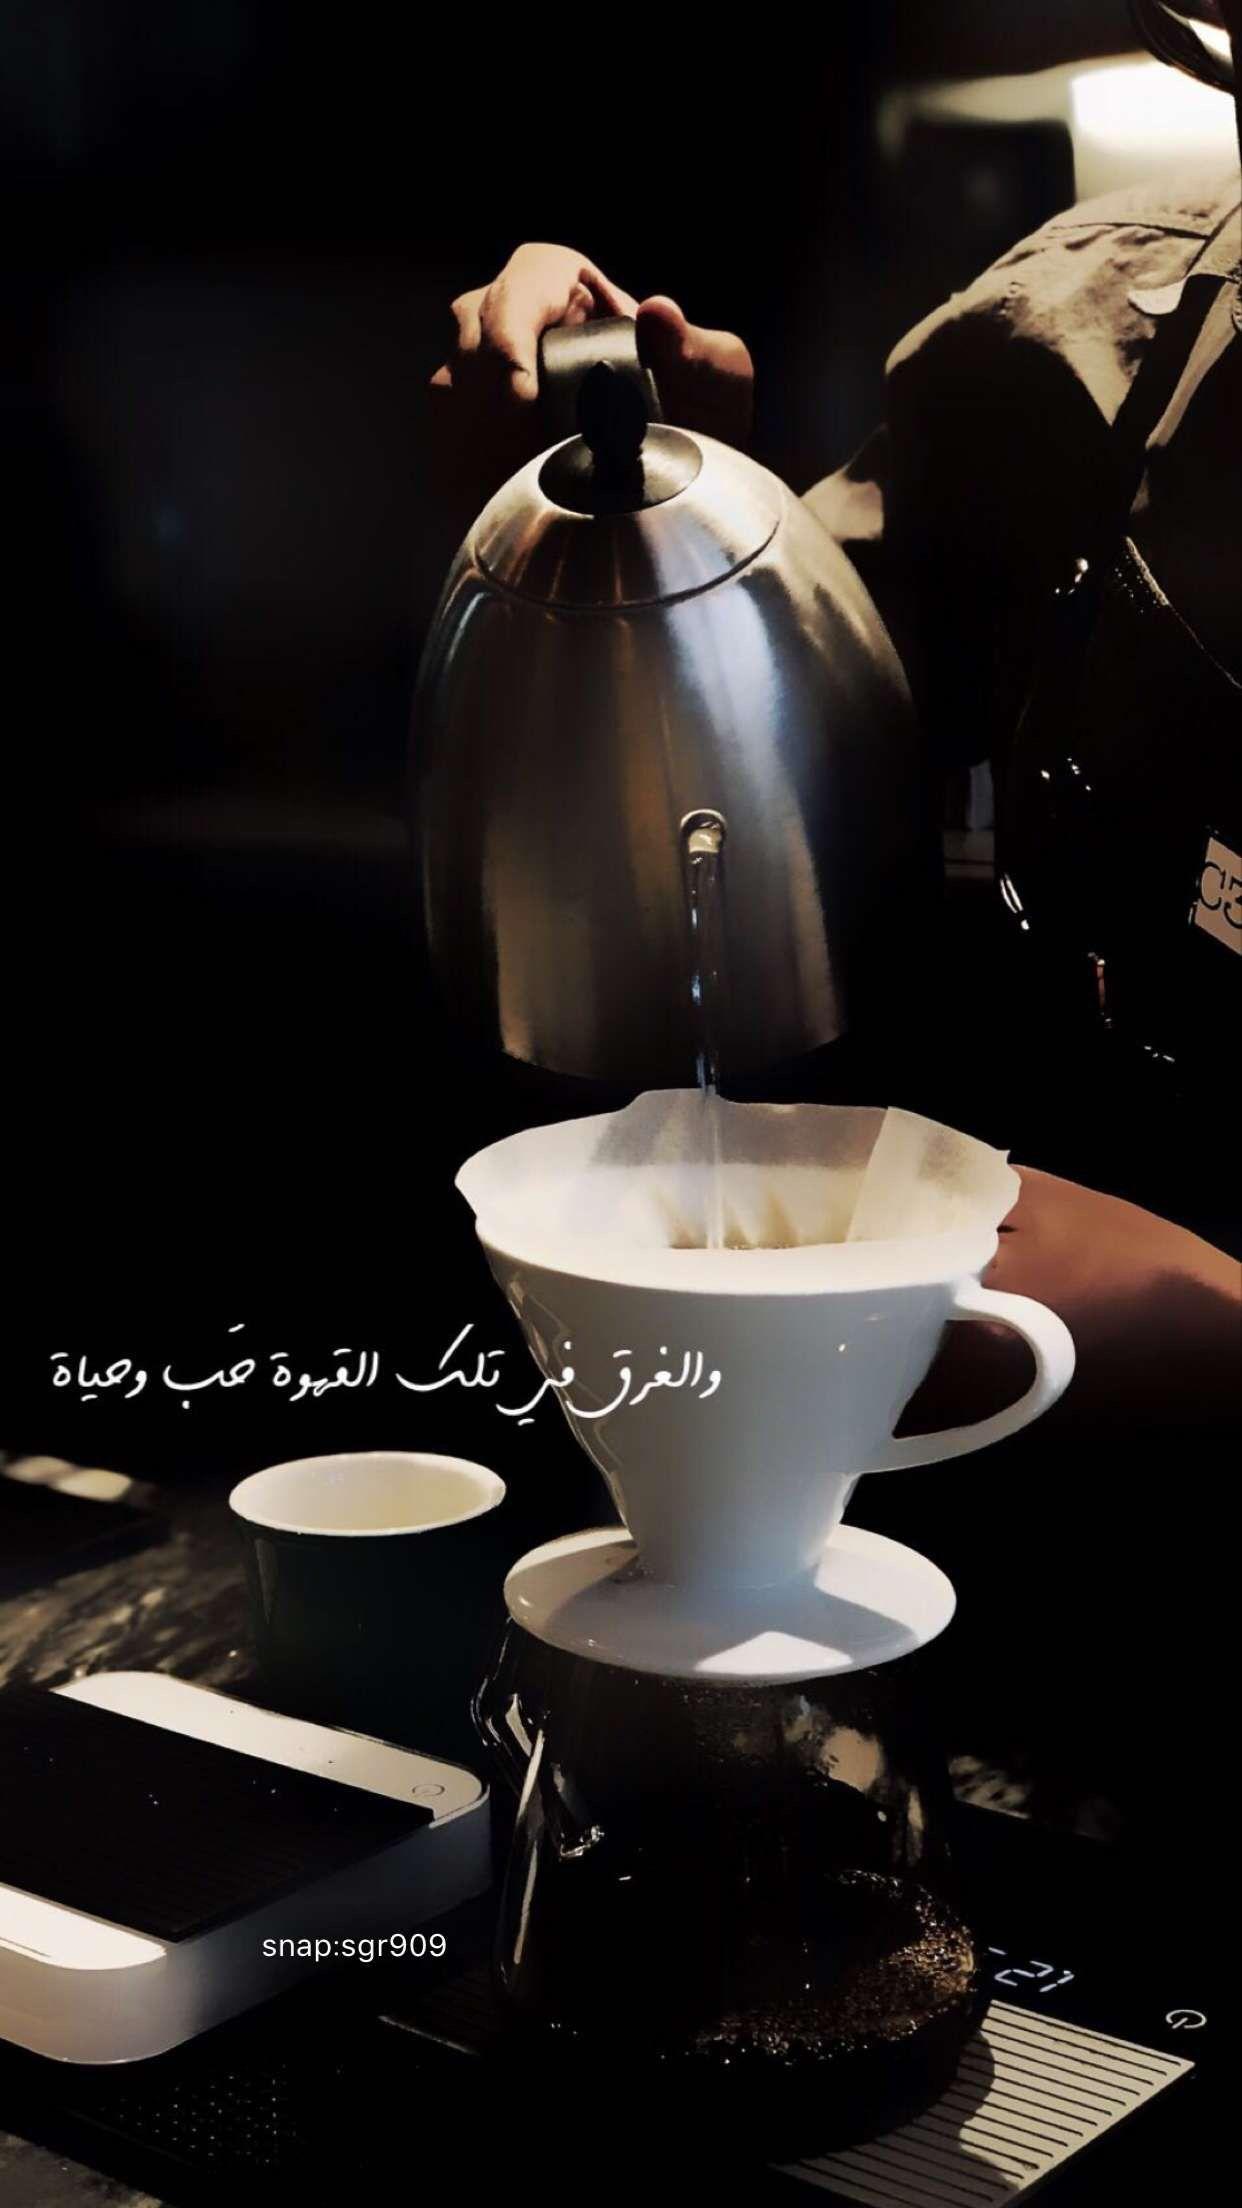 والغرق في تلك القهوة حب وحياة Coffee V60 Coffee Coffee Maker